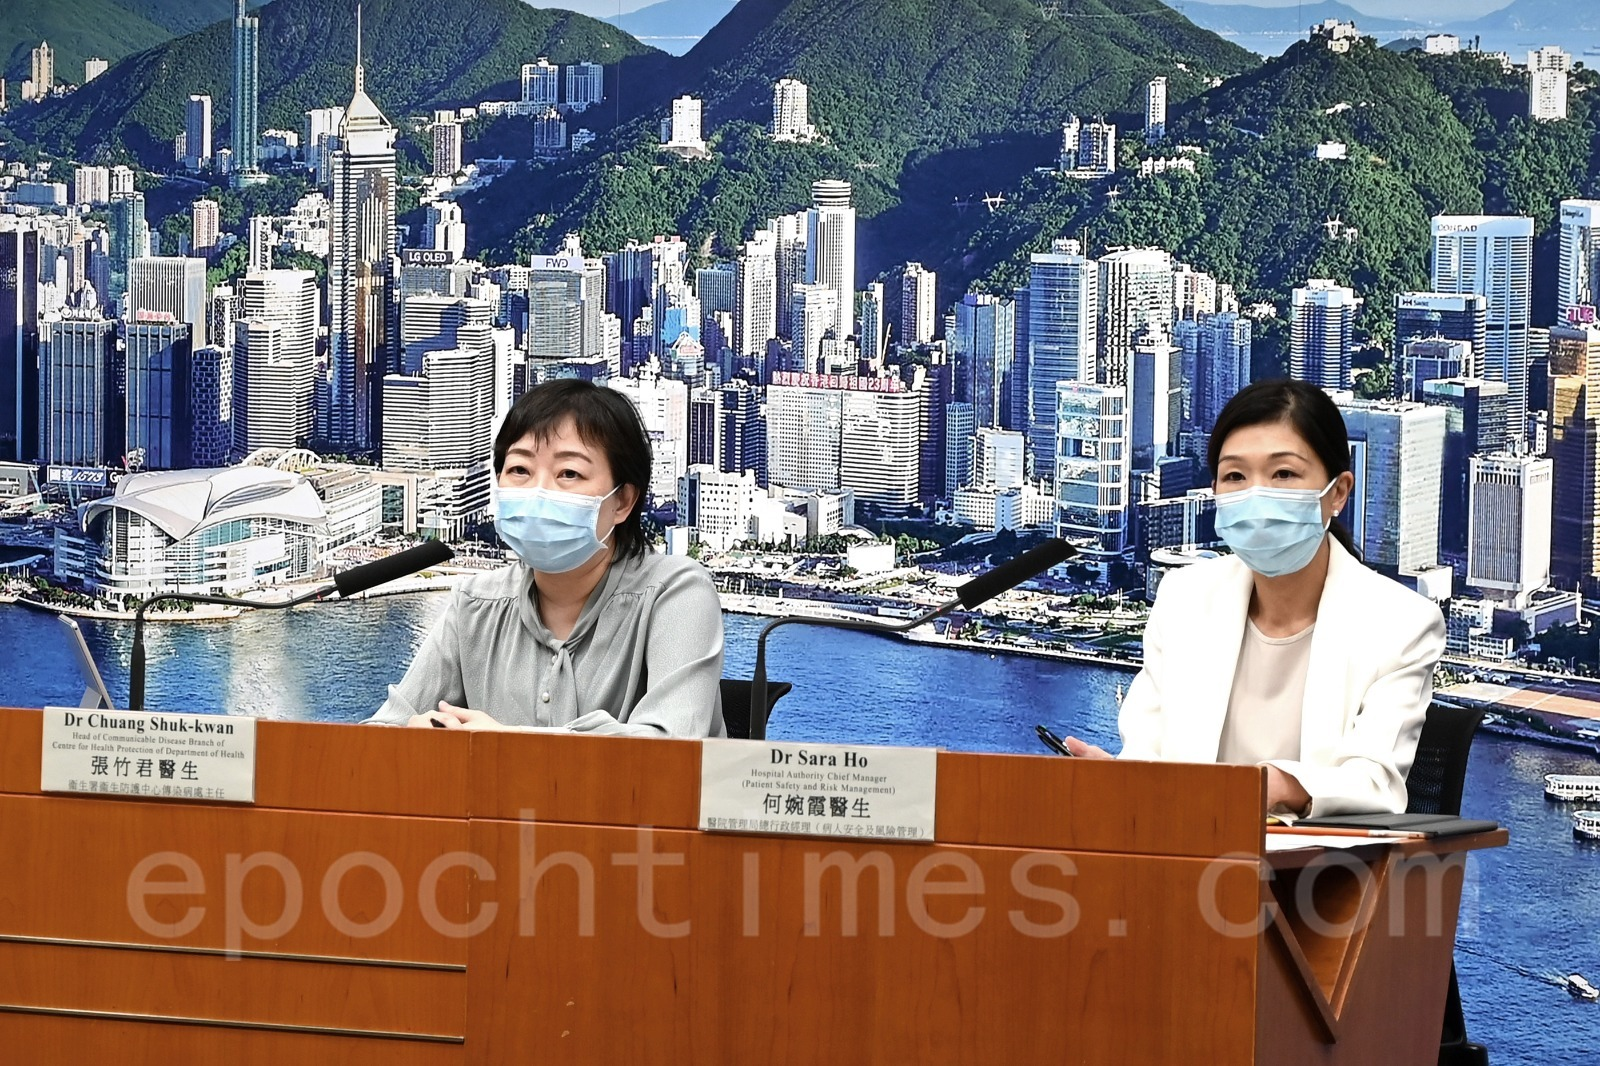 截至28日零時零分,本港新增13宗中共病毒(武漢肺炎)確診個案,累計4,769宗。(郭威利/大紀元)